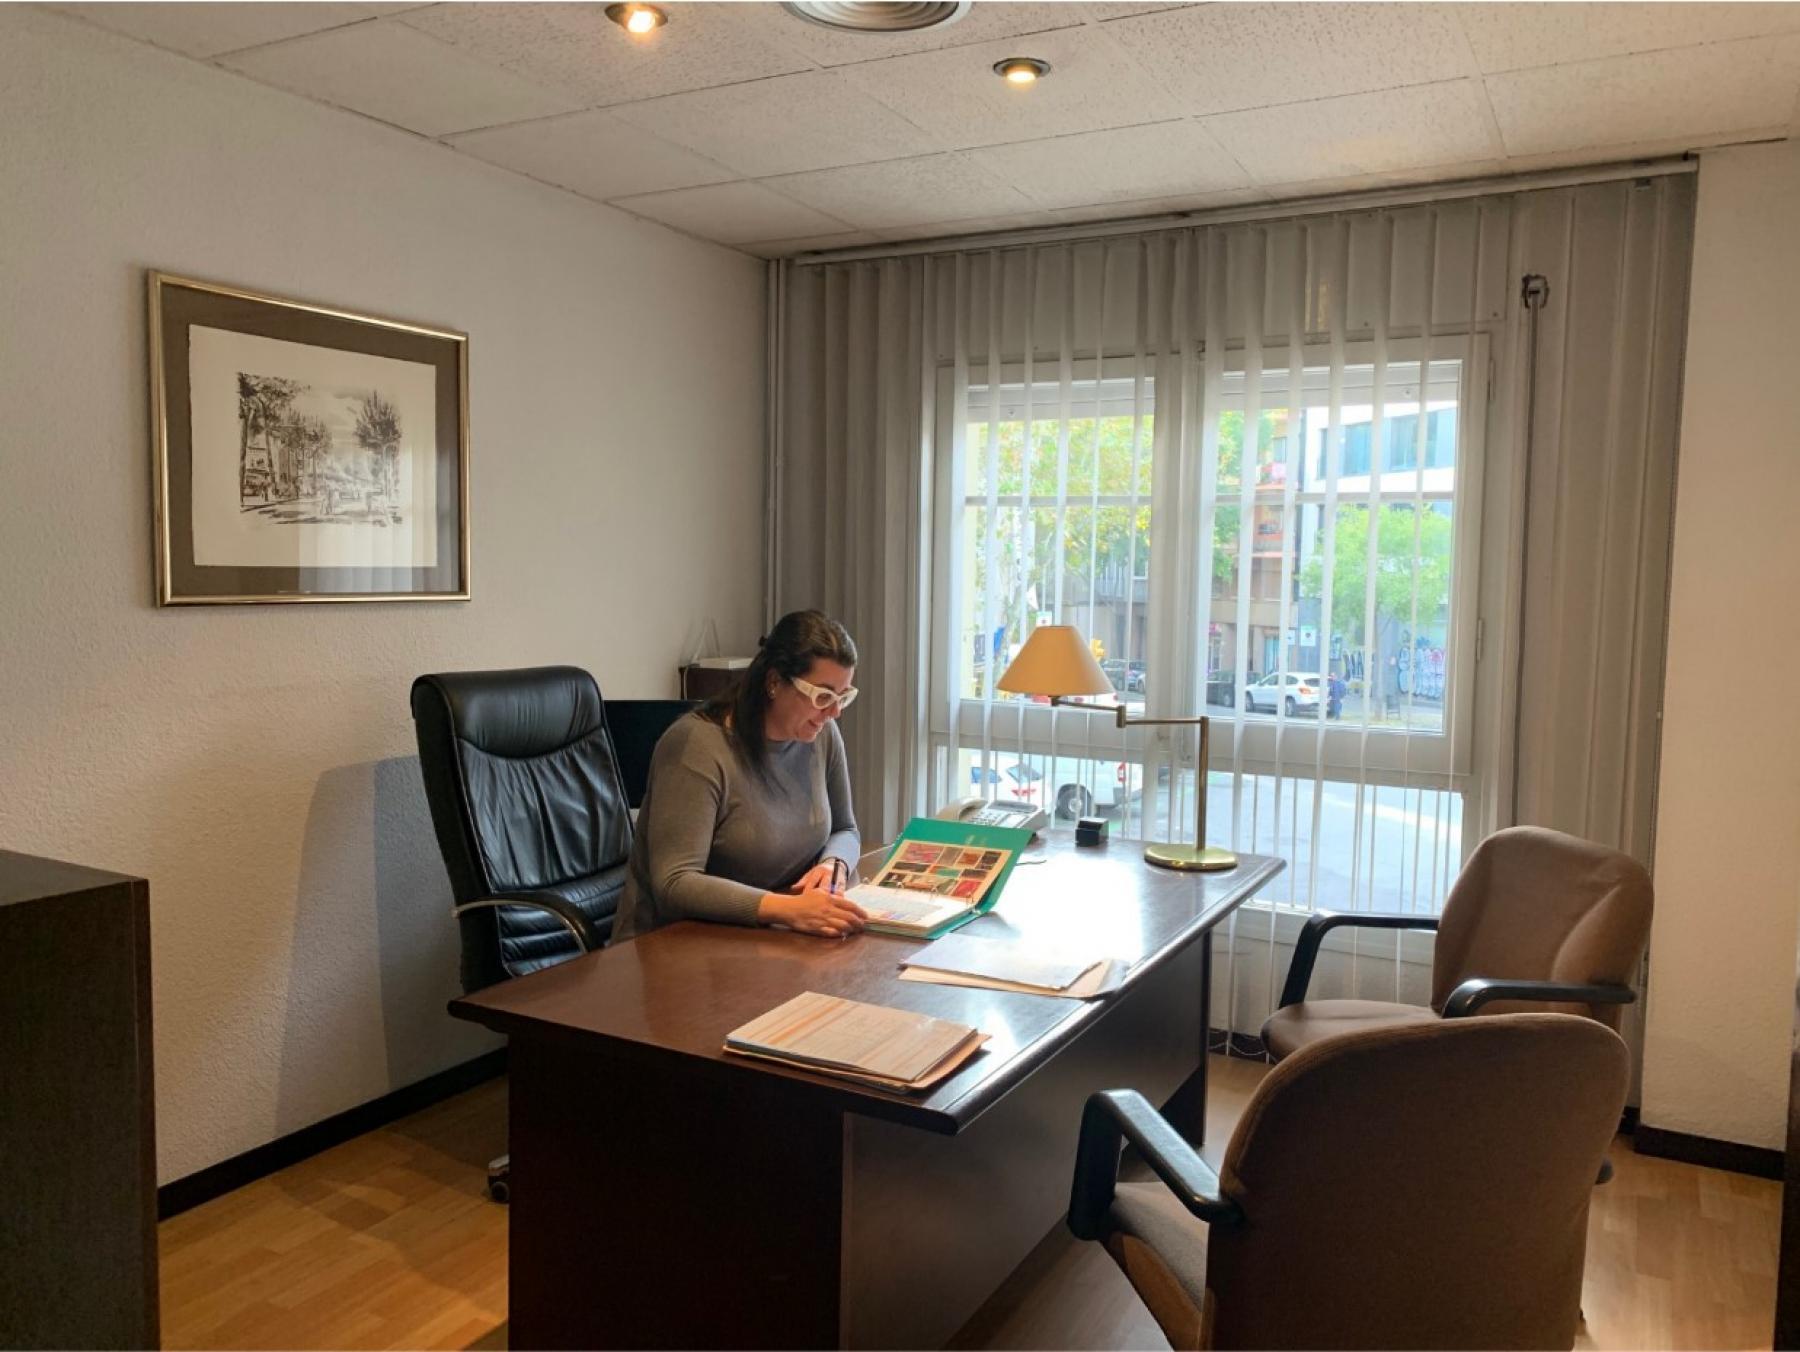 Alquilar oficinas Calle de Córcega 454-456, Barcelona (4)